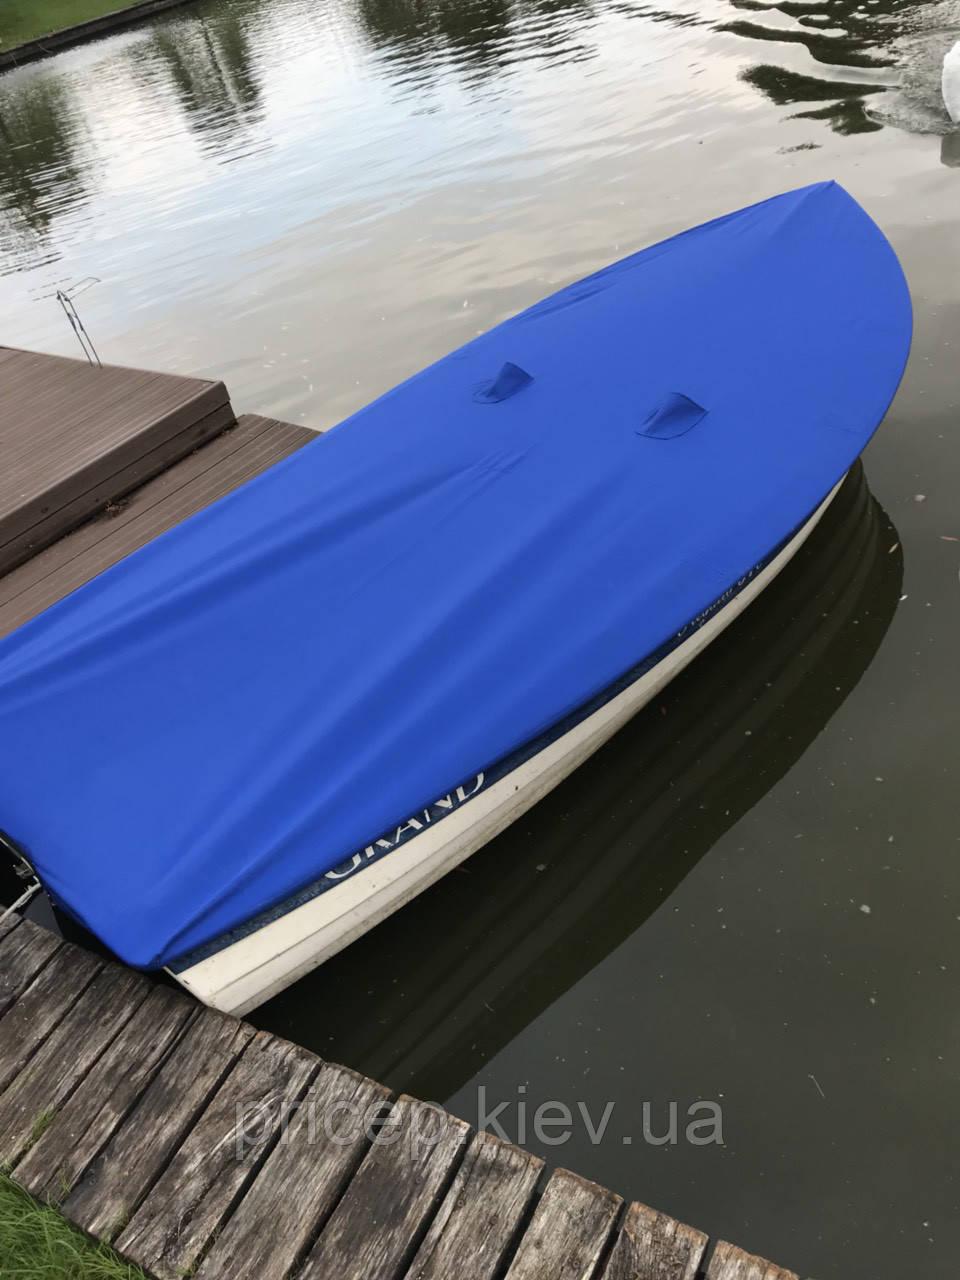 Стояночный тент на лодку. Длина 3,1м